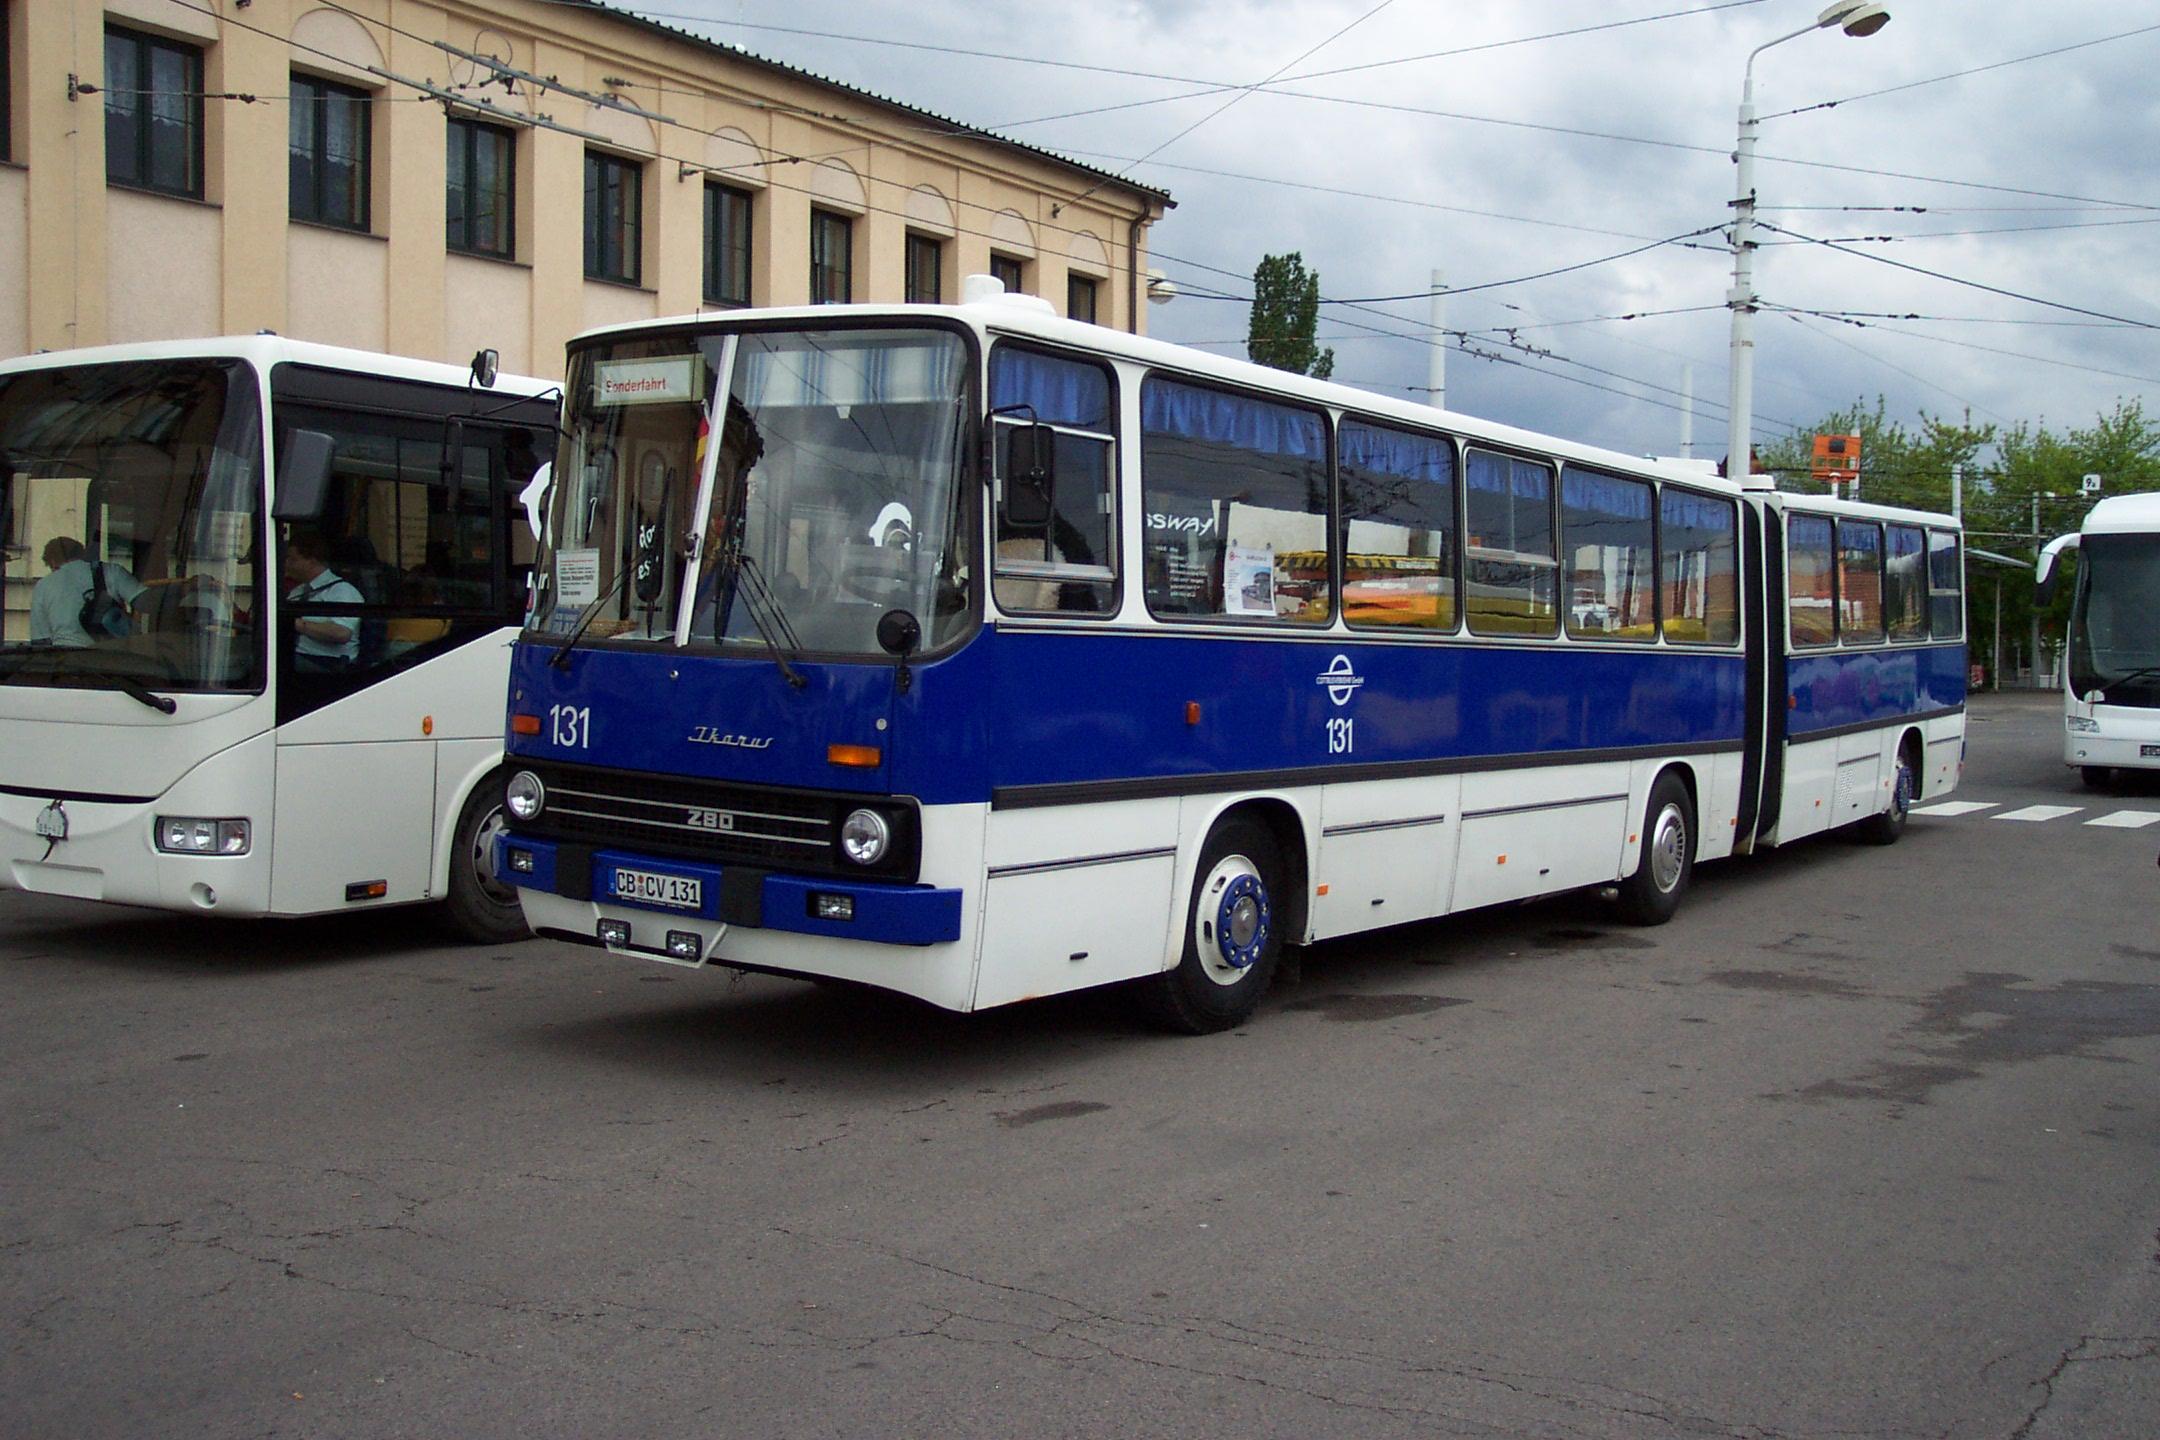 Filepardubice Vozovna Dukla Ikarus 280 Cottbus Iijpg